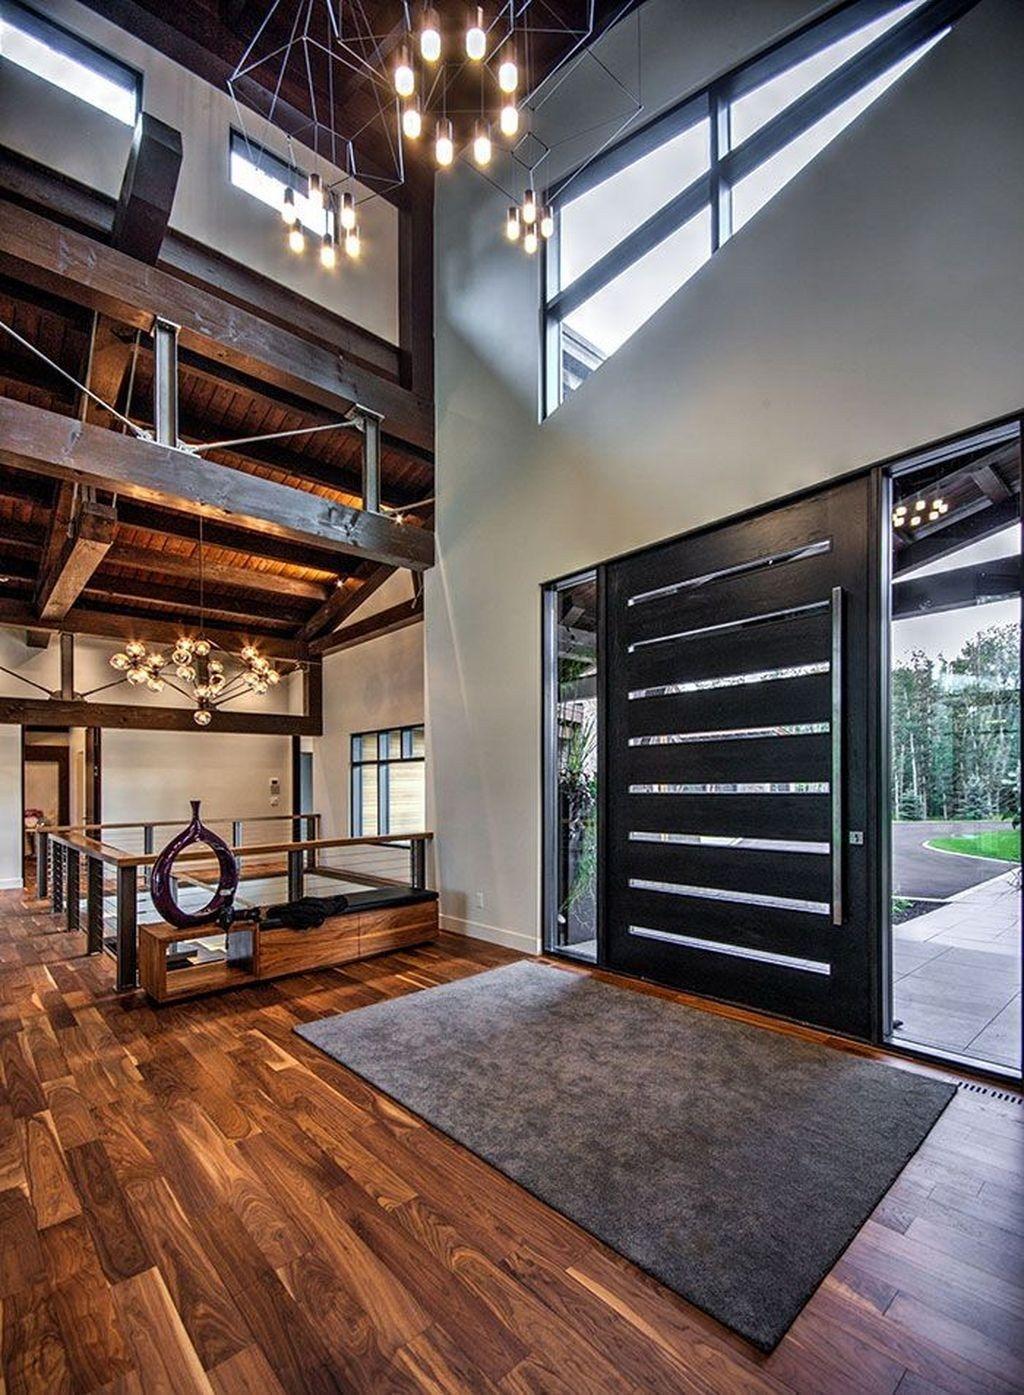 48 Simple Contemporary Home Decor Ideas | Mountain home ...